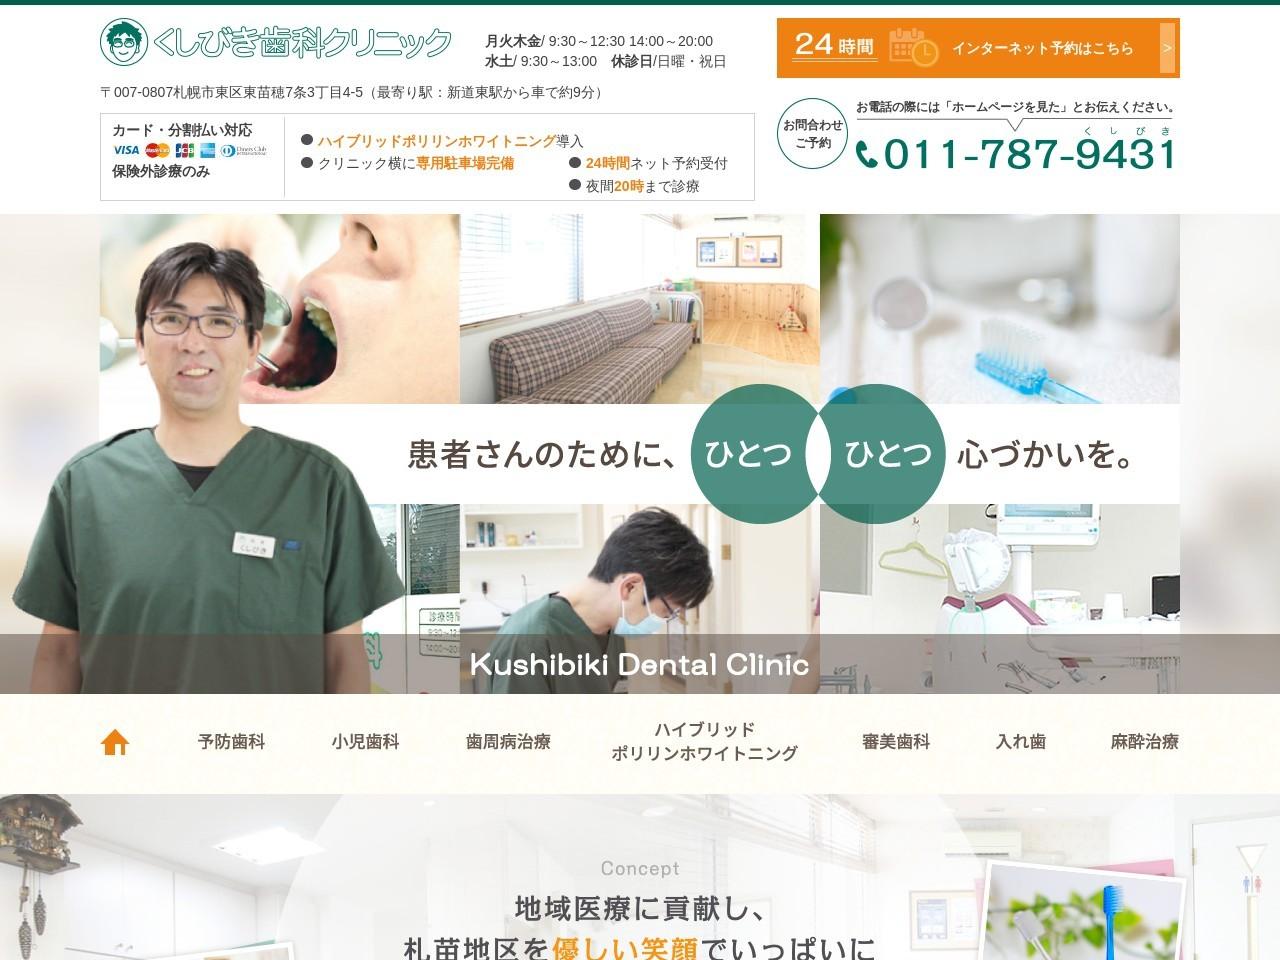 くしびき歯科クリニック (北海道札幌市東区)